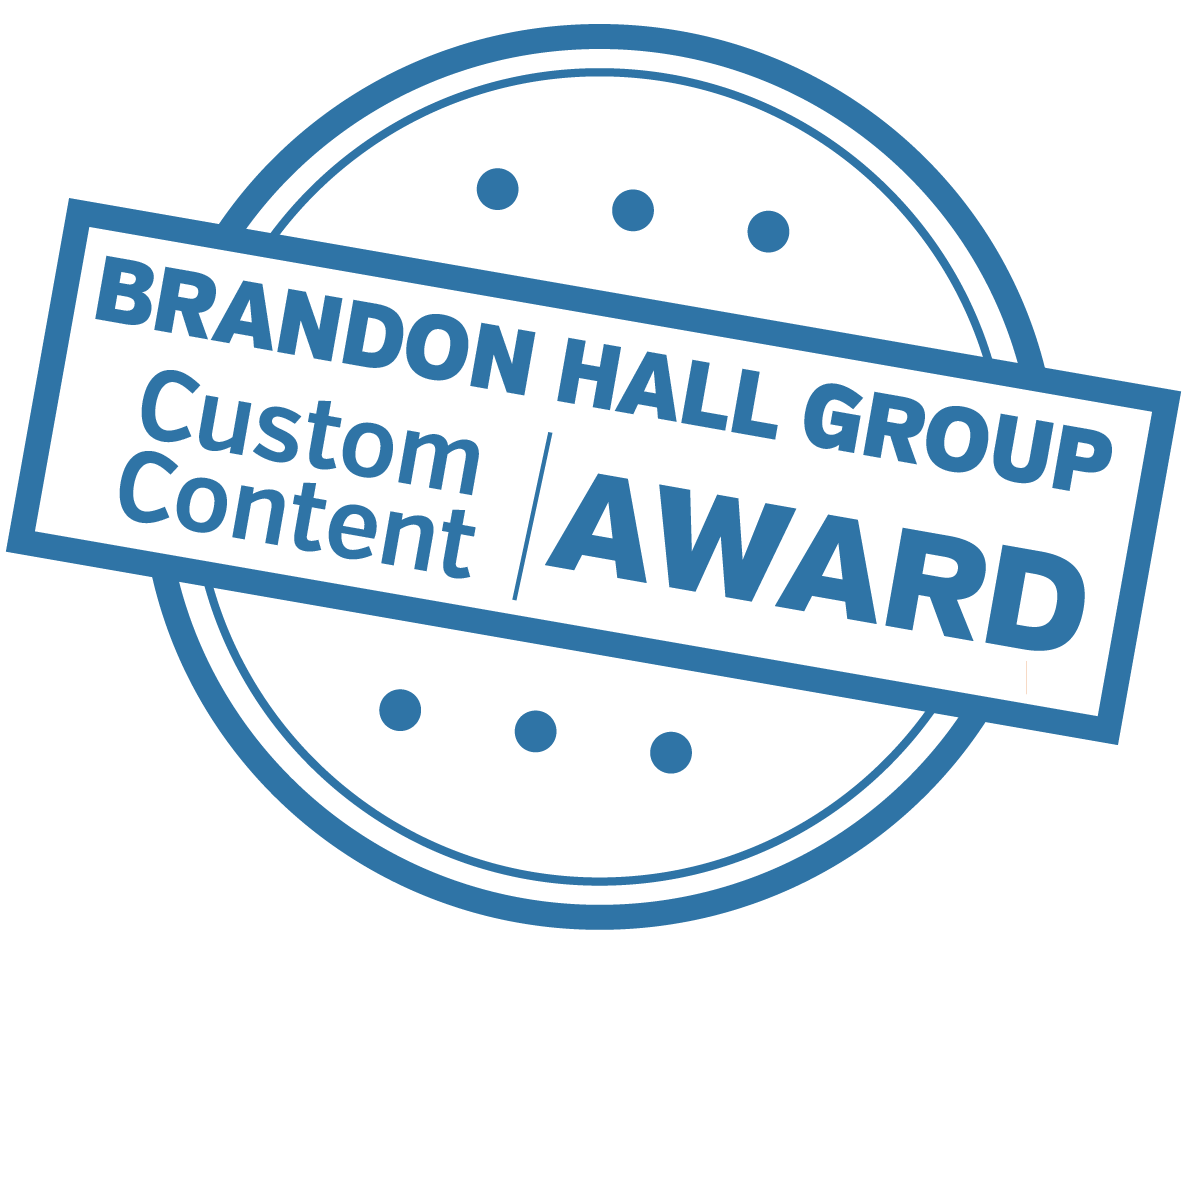 Brandon Hall Group Award